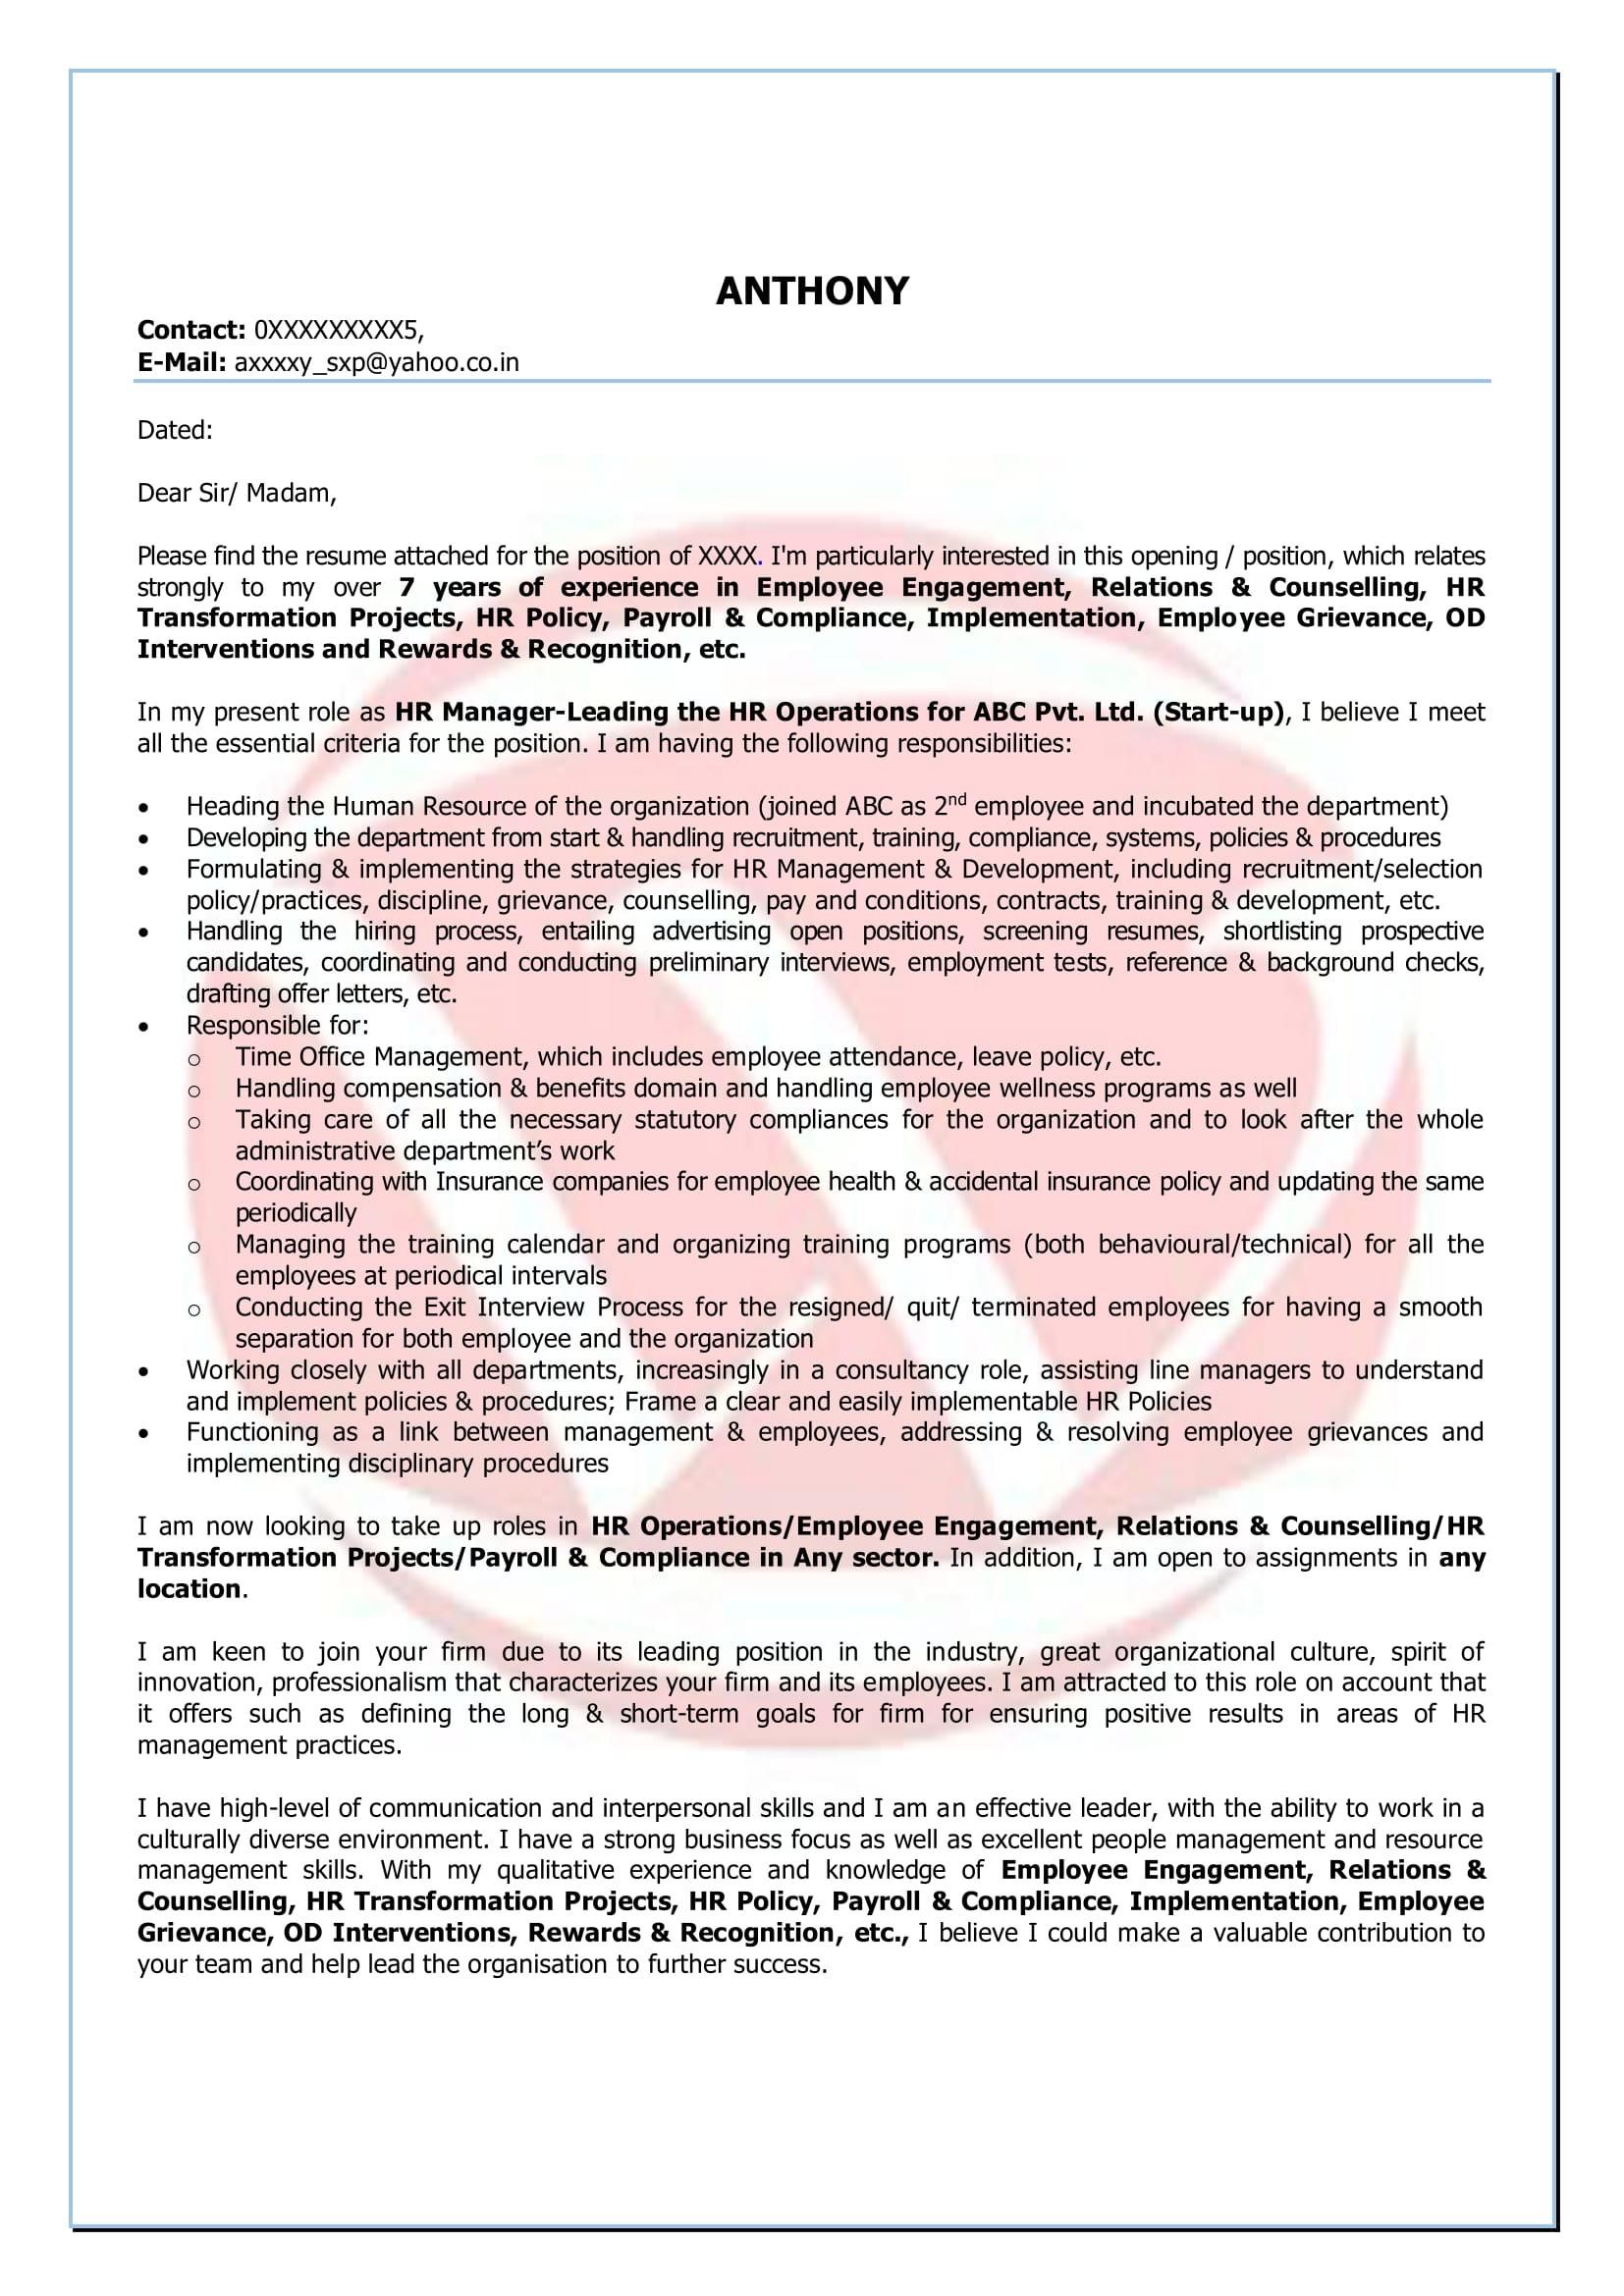 Sample Job Offer Letter Template - Job Fer Letter format In Saudi Arabia Best Production Sample